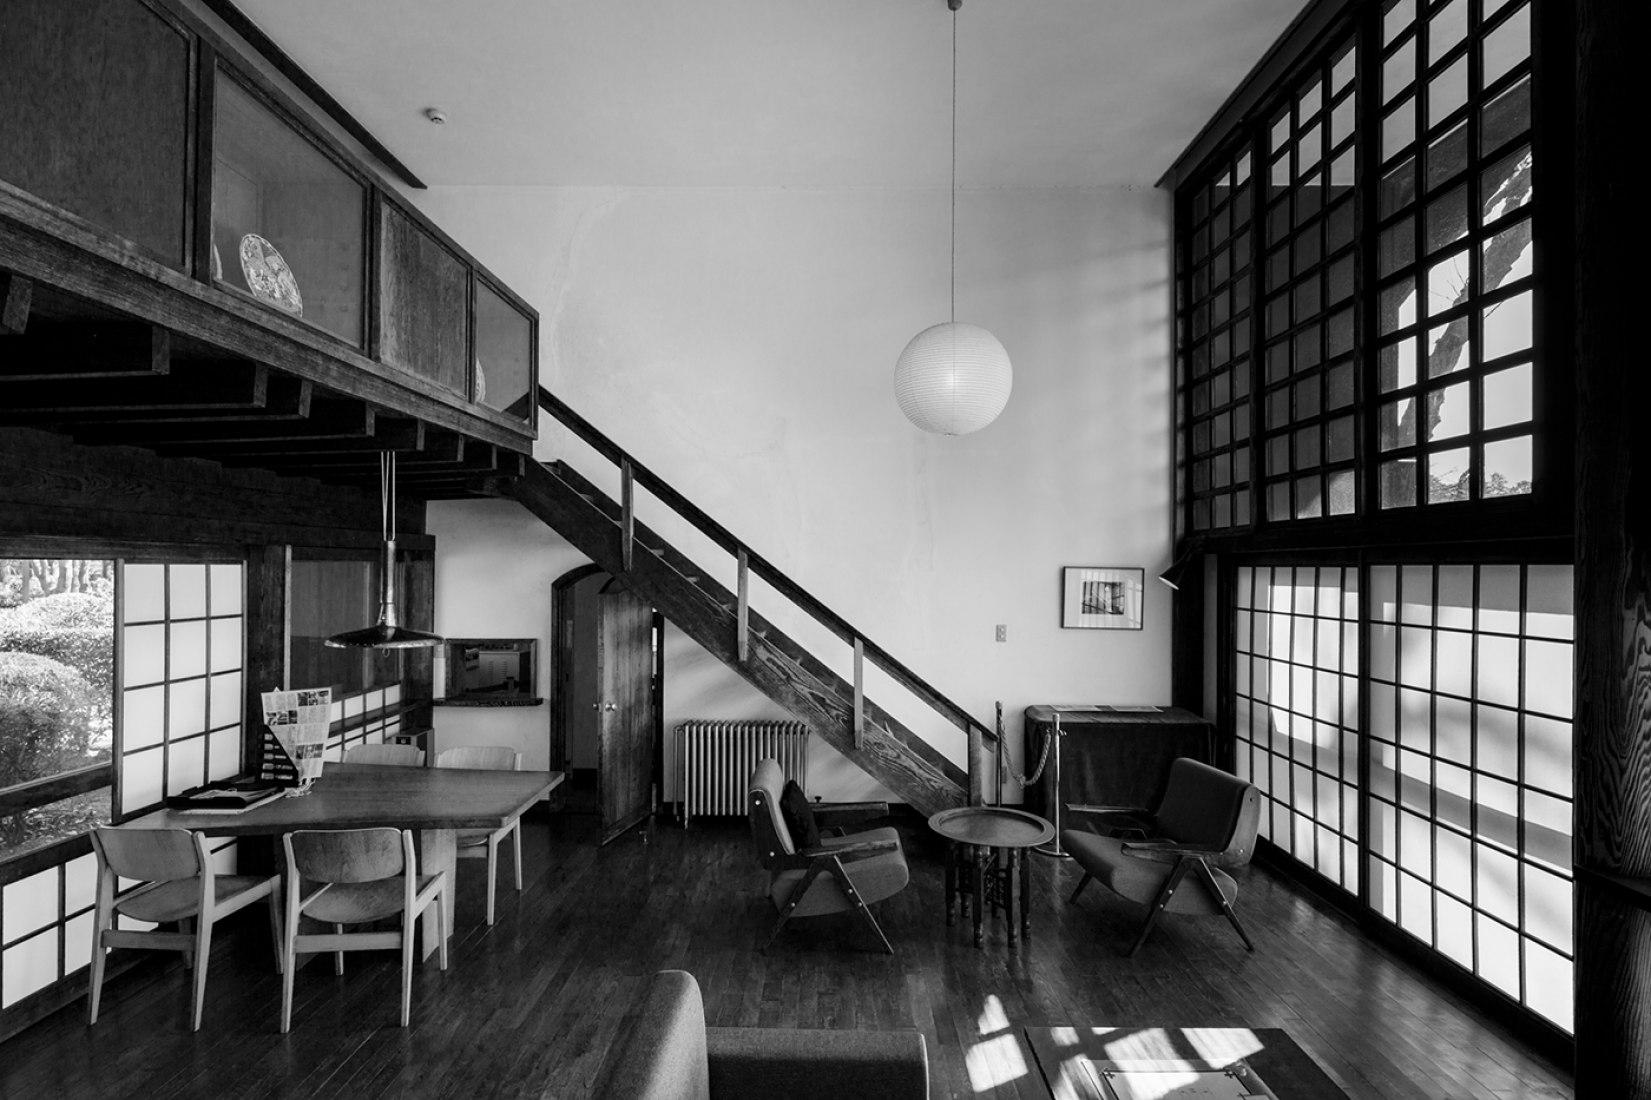 Muestra de la seccion Casas de Ayer, vivienda por Maekawa. Fotografía © Jeremie Souteyrat. Imagen cortesía de Looiersgracht 60.